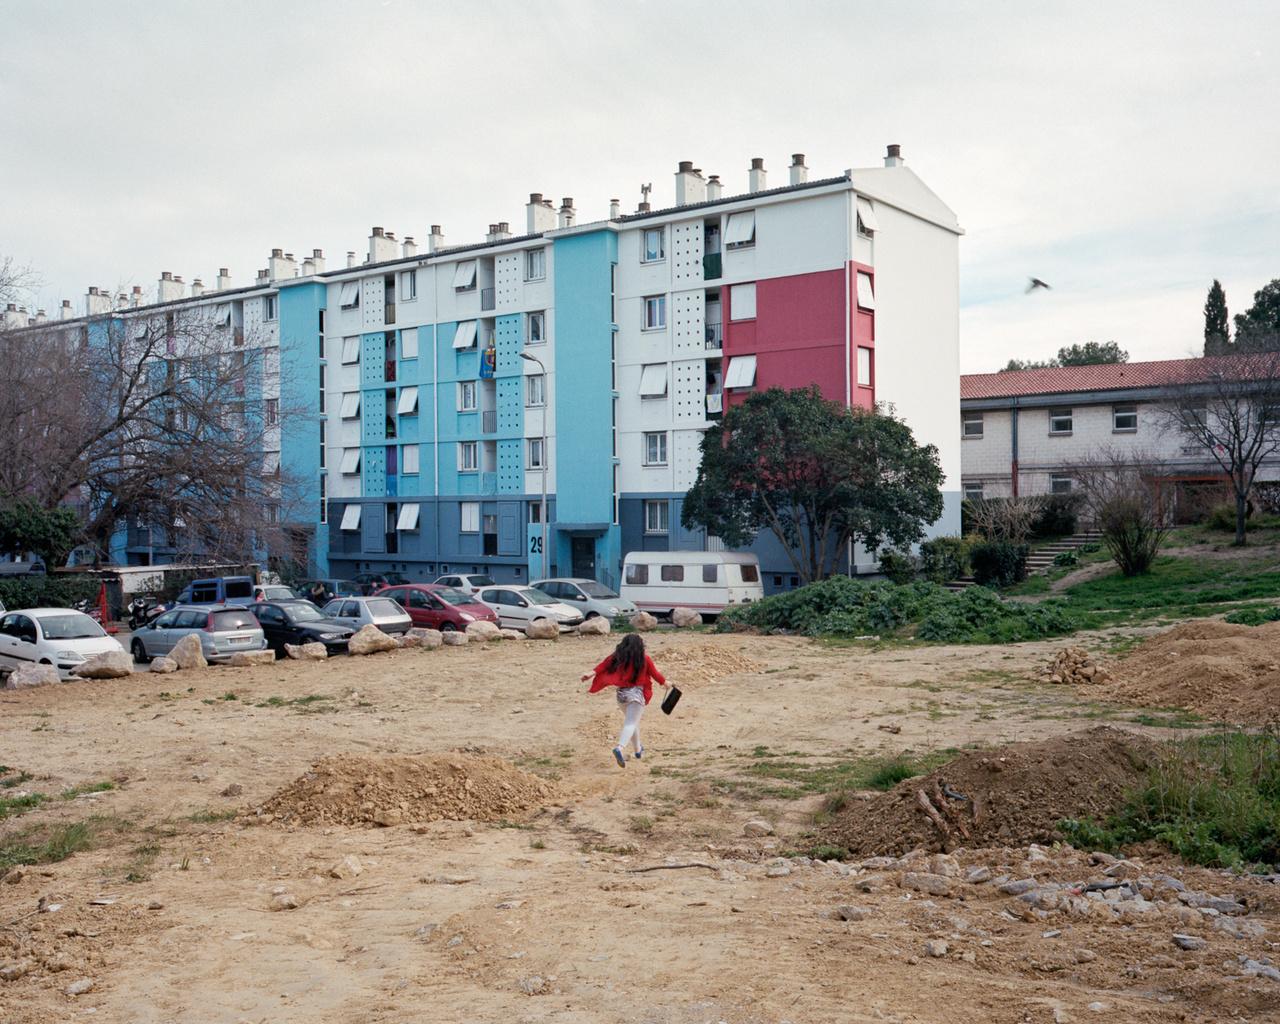 Ez a telek nem tűnik ingatlanhasznosítási sikersztorinak, mindesetre így néz ki a környék, amin keresztül Maddelena épp hazarohan.